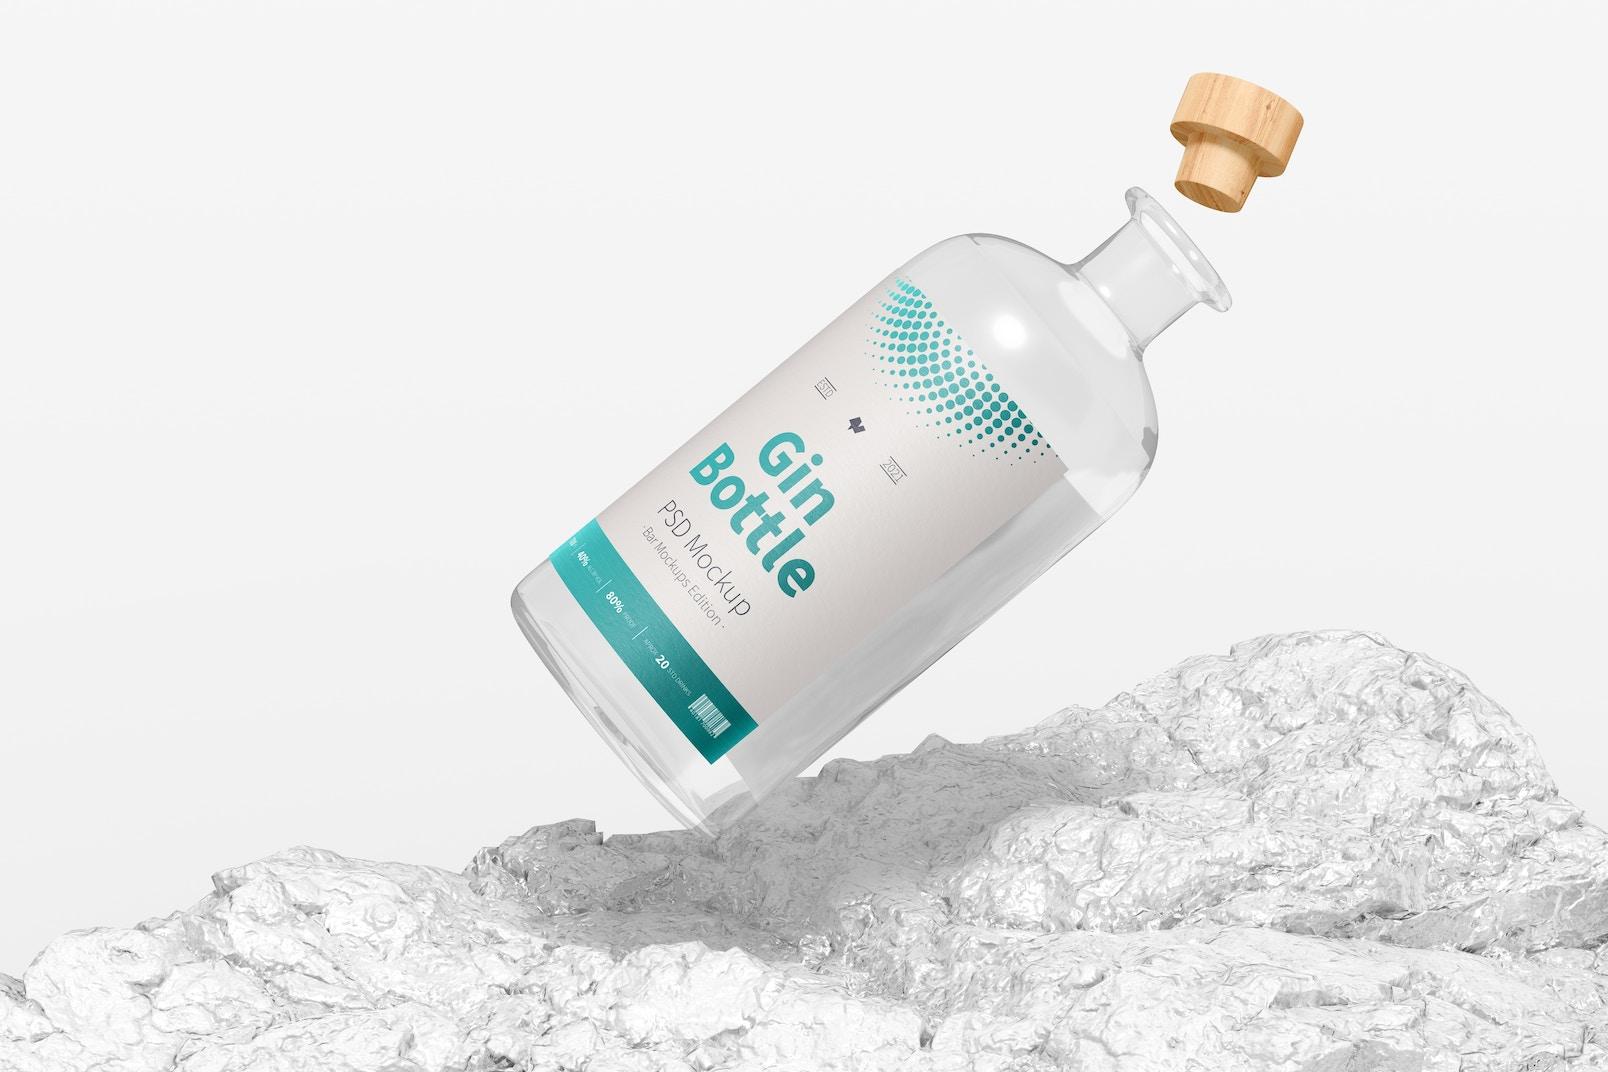 Gin Bottle Mockup, Falling